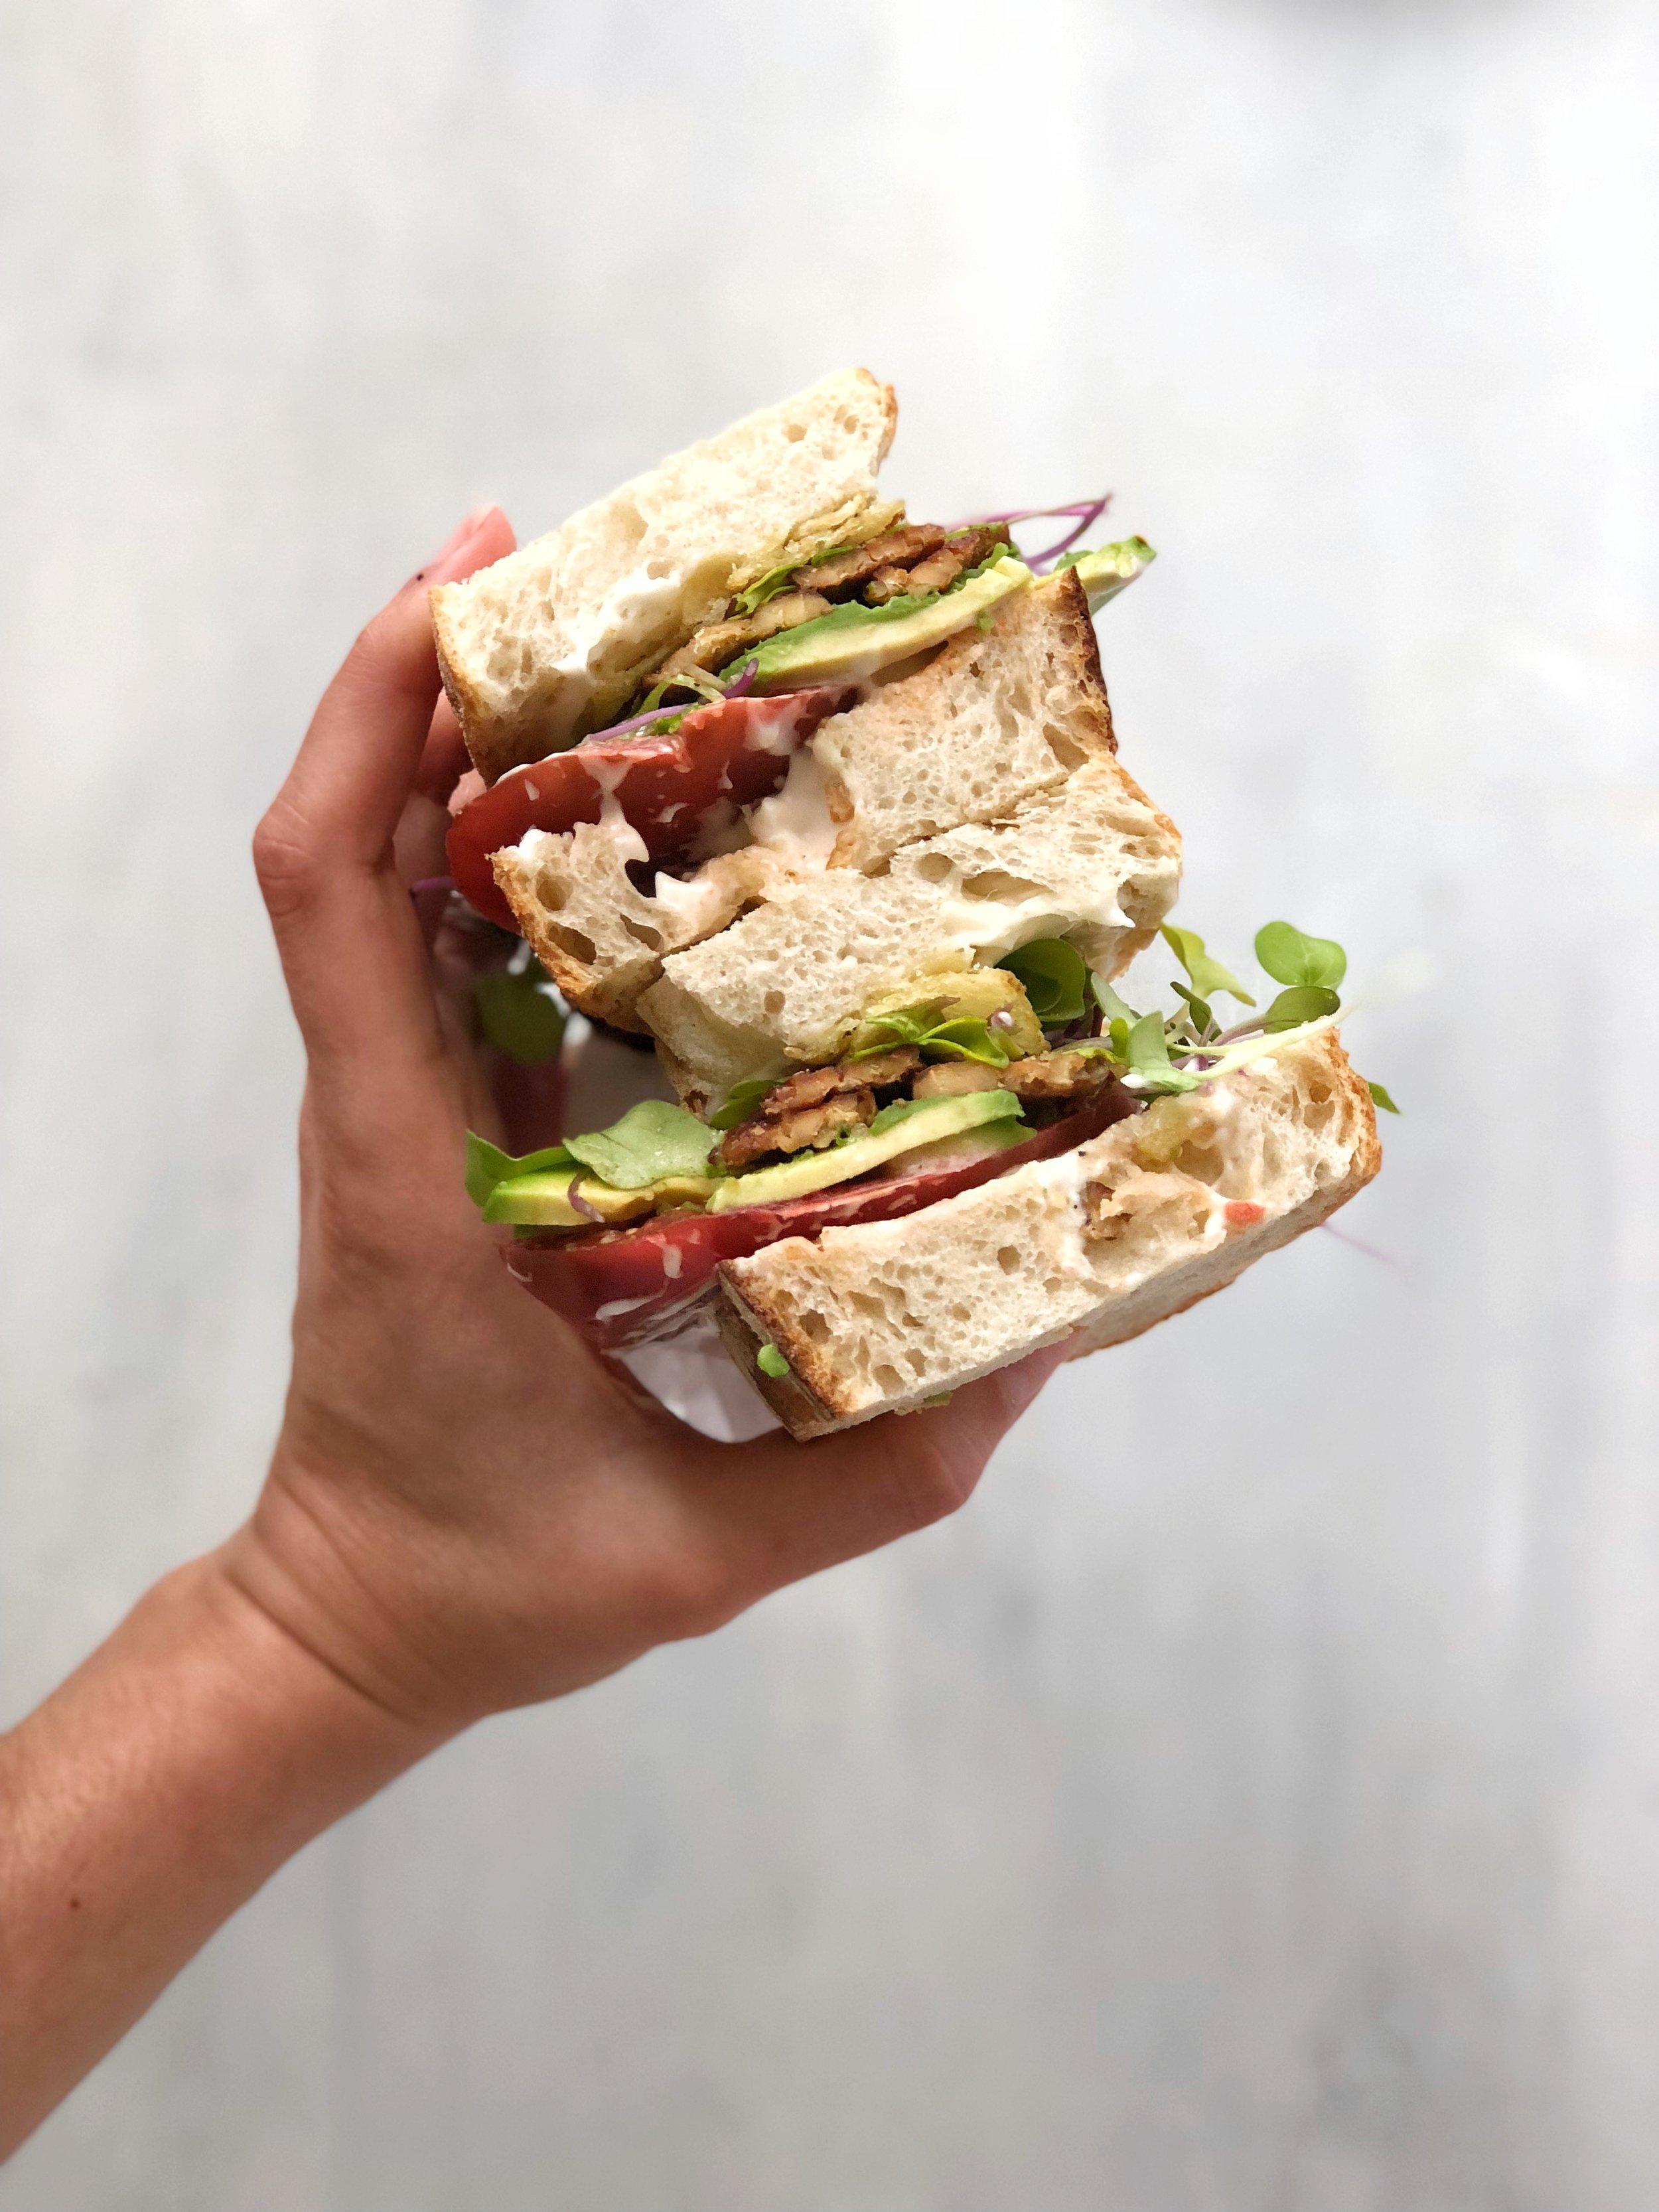 是海斯提亚·古拉的!让这个月的一种素食三明治!##素食##烹饪#